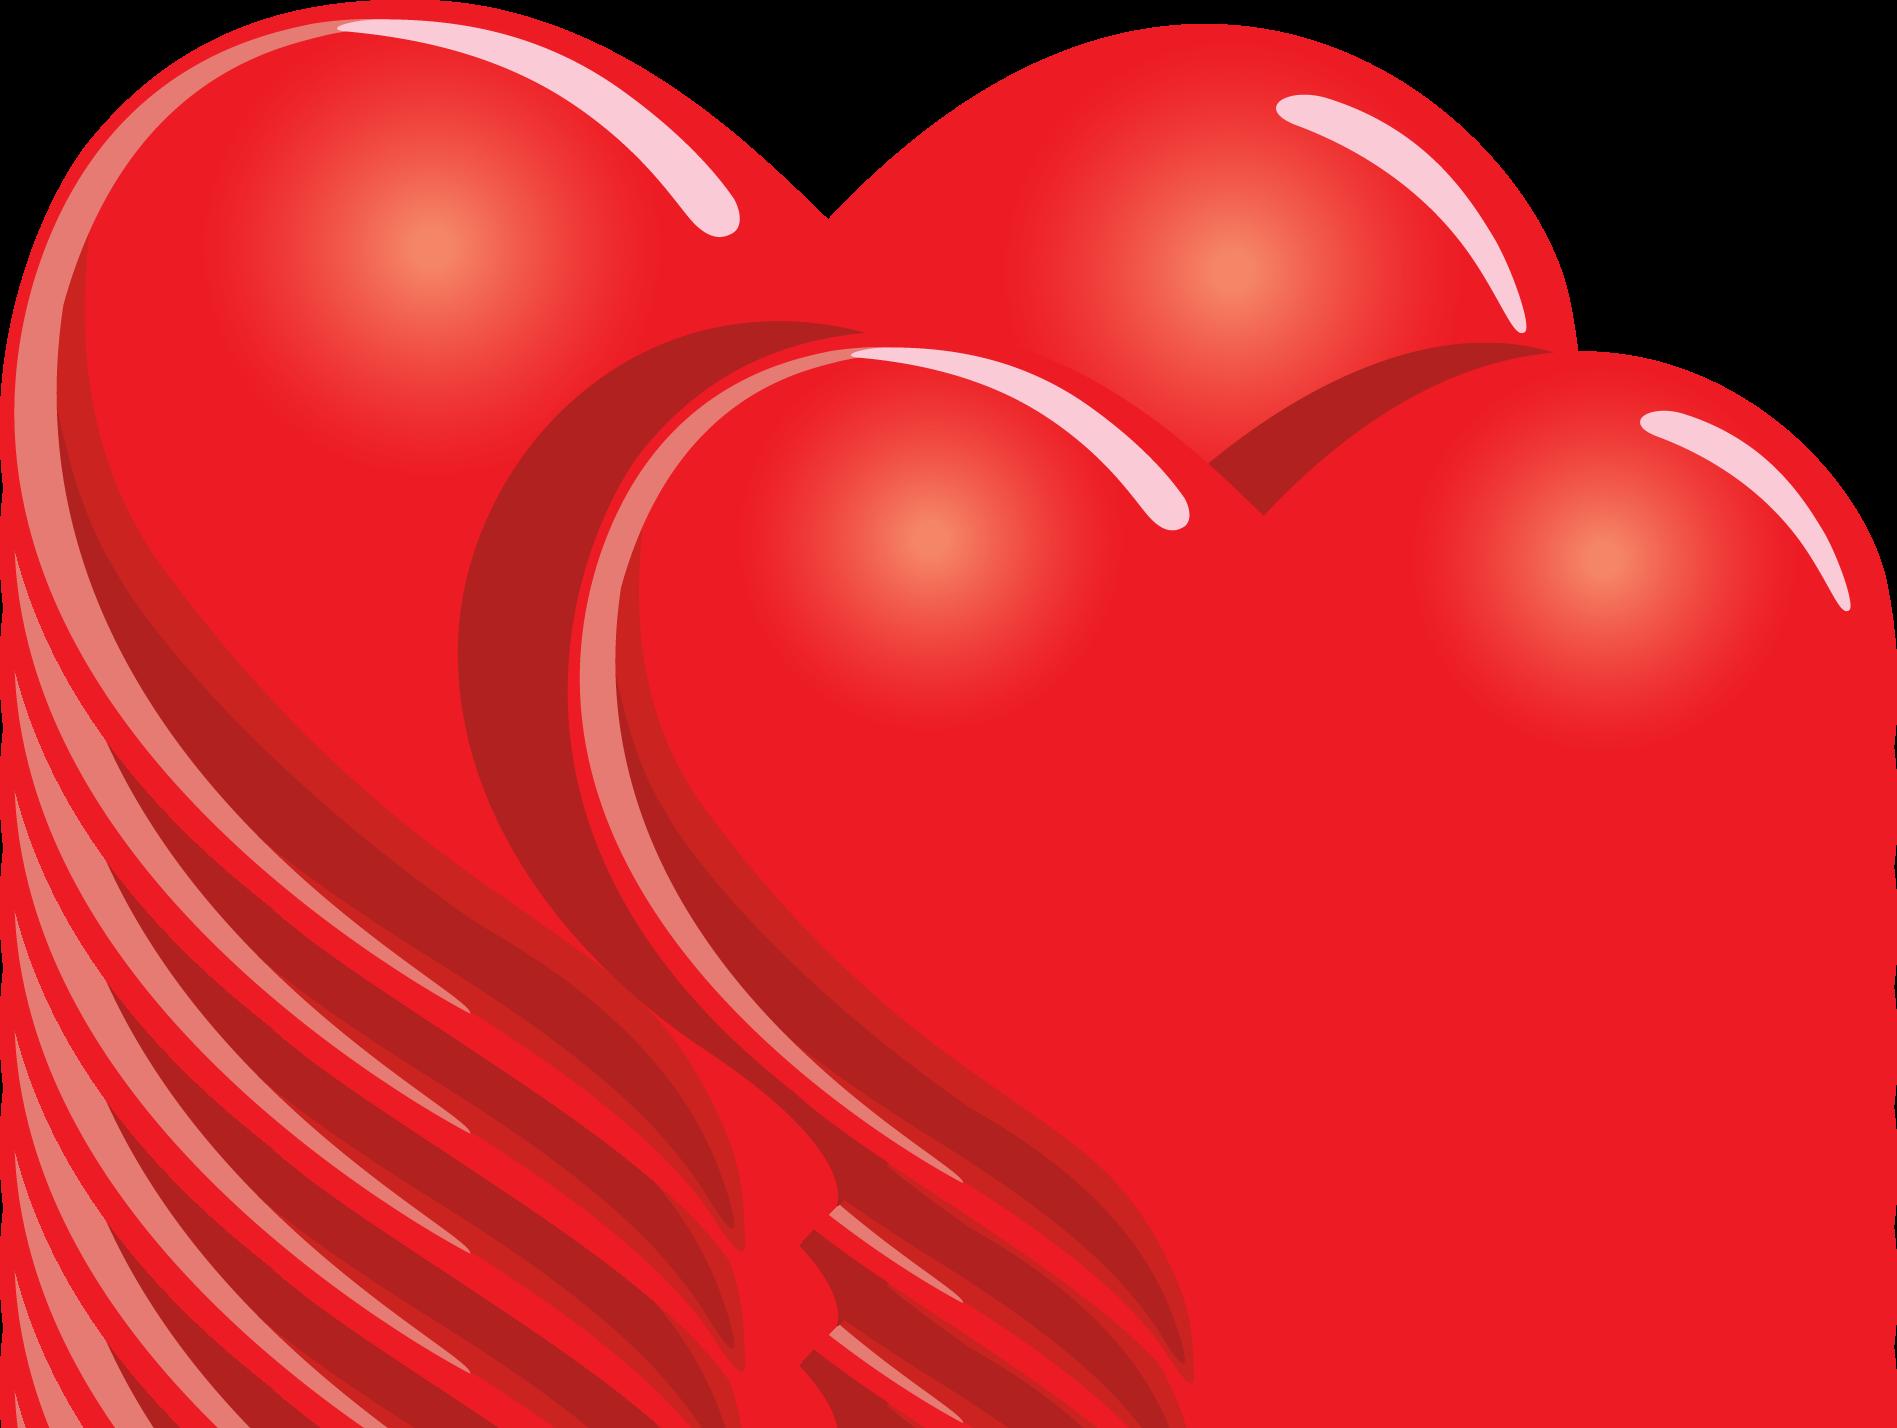 Love Heart Sign - ClipArt Best